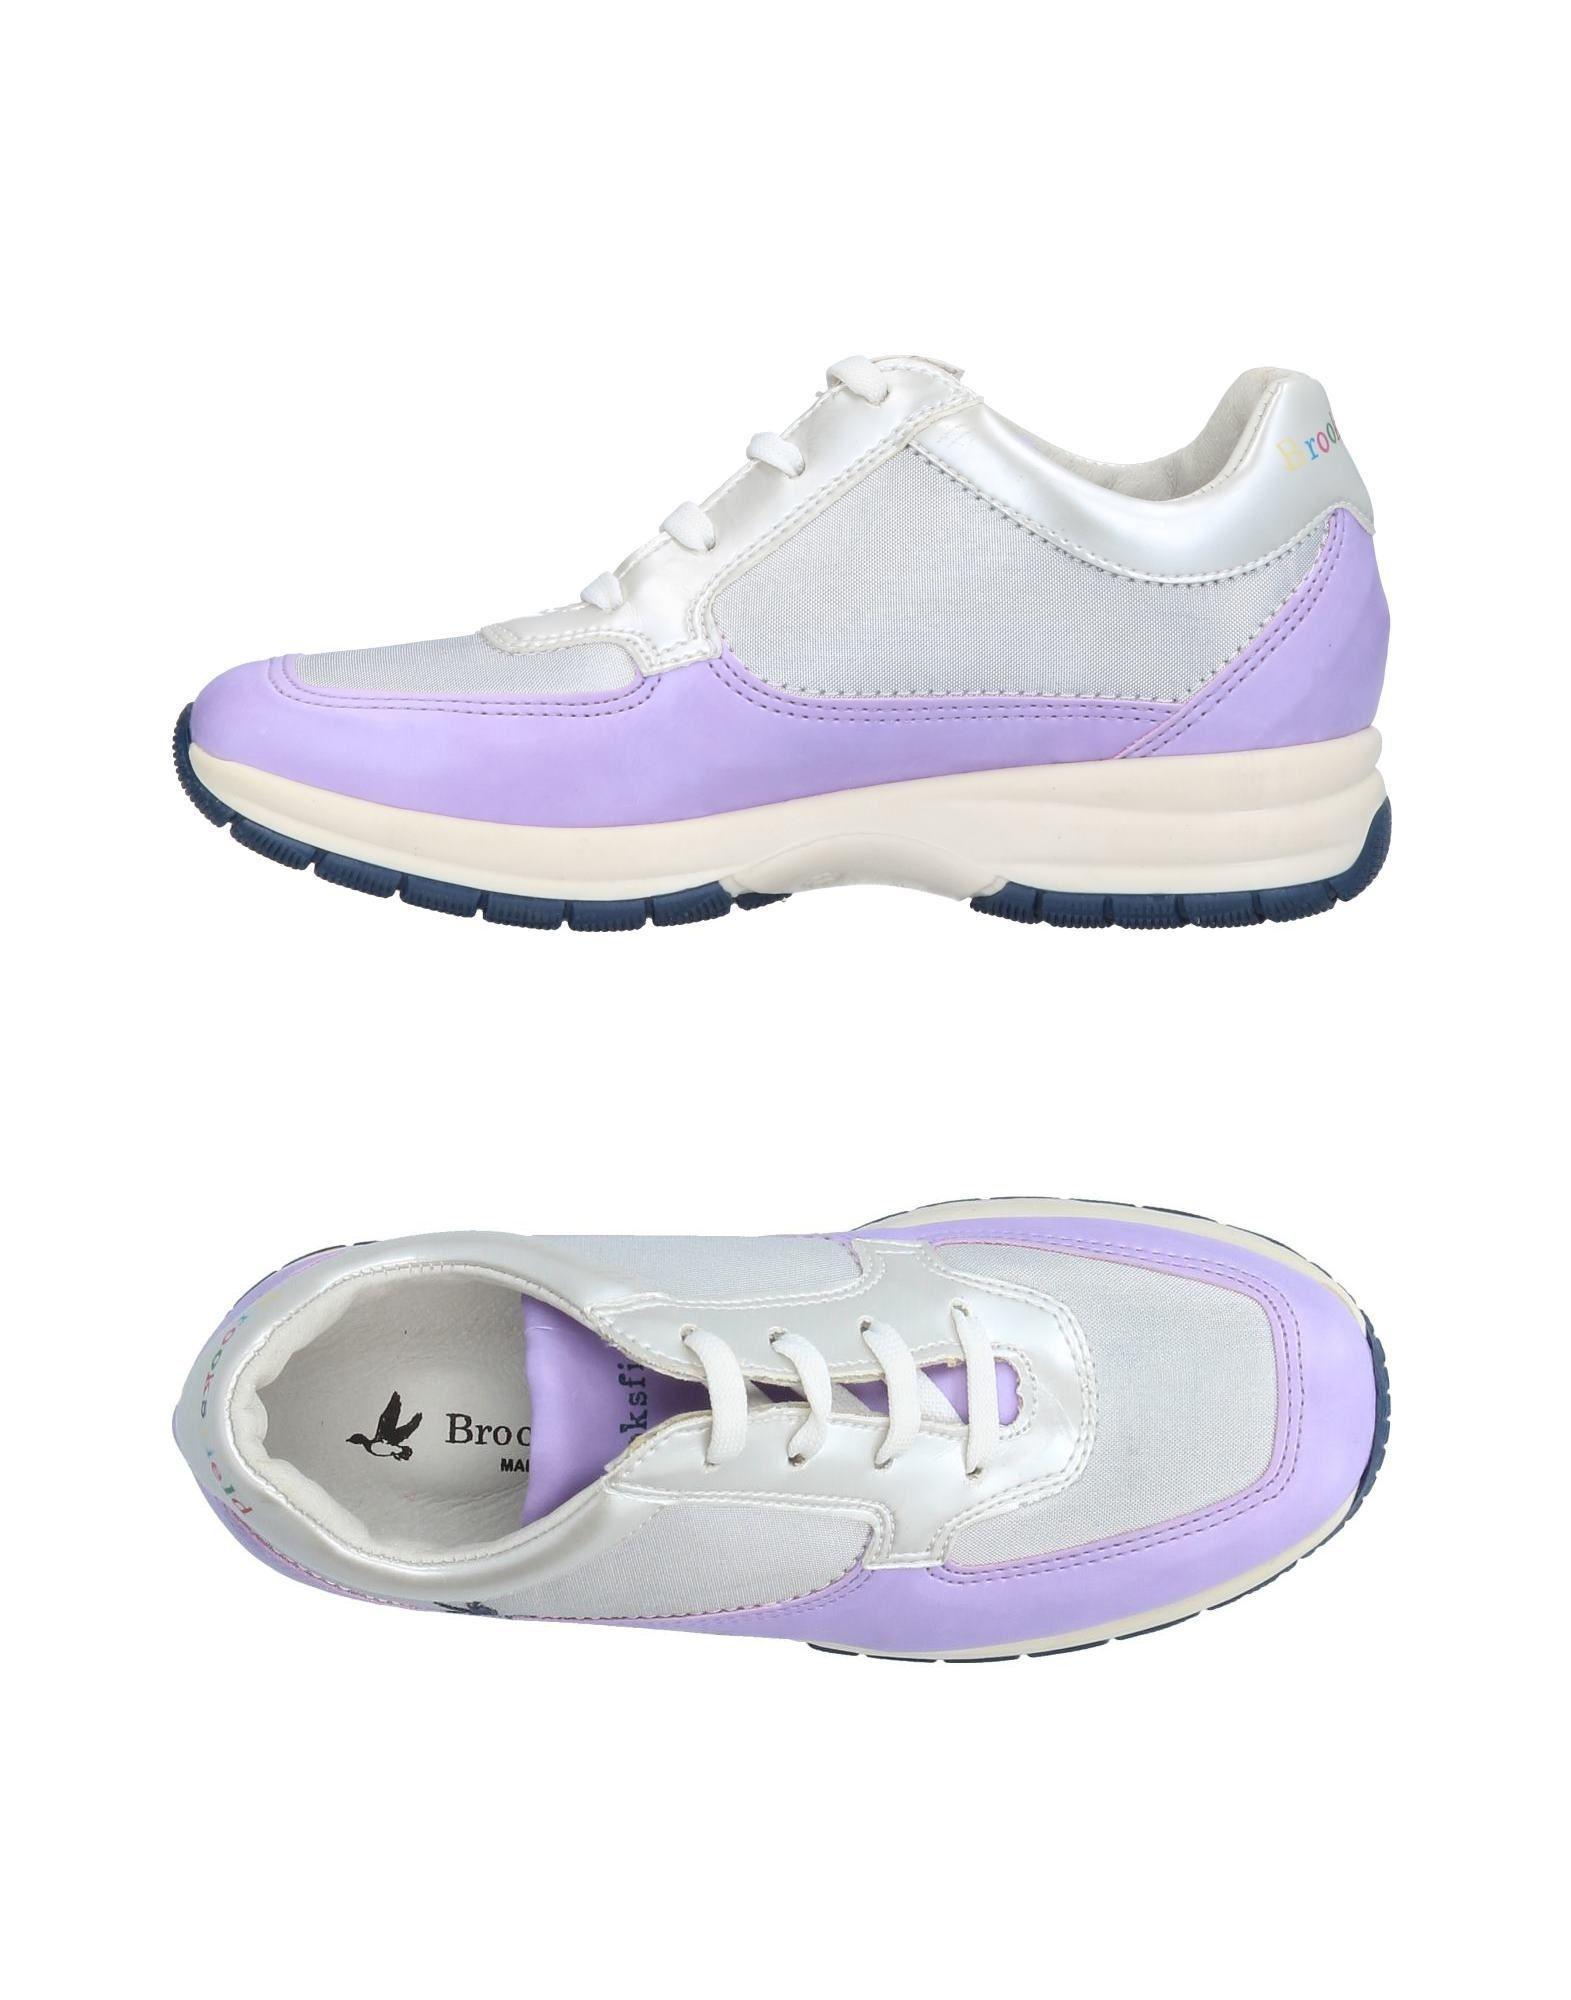 Chaussures De Sport Pour Les Femmes, Noir, Cuir, 2017, 36 37 37,5 40 Norme Nationale